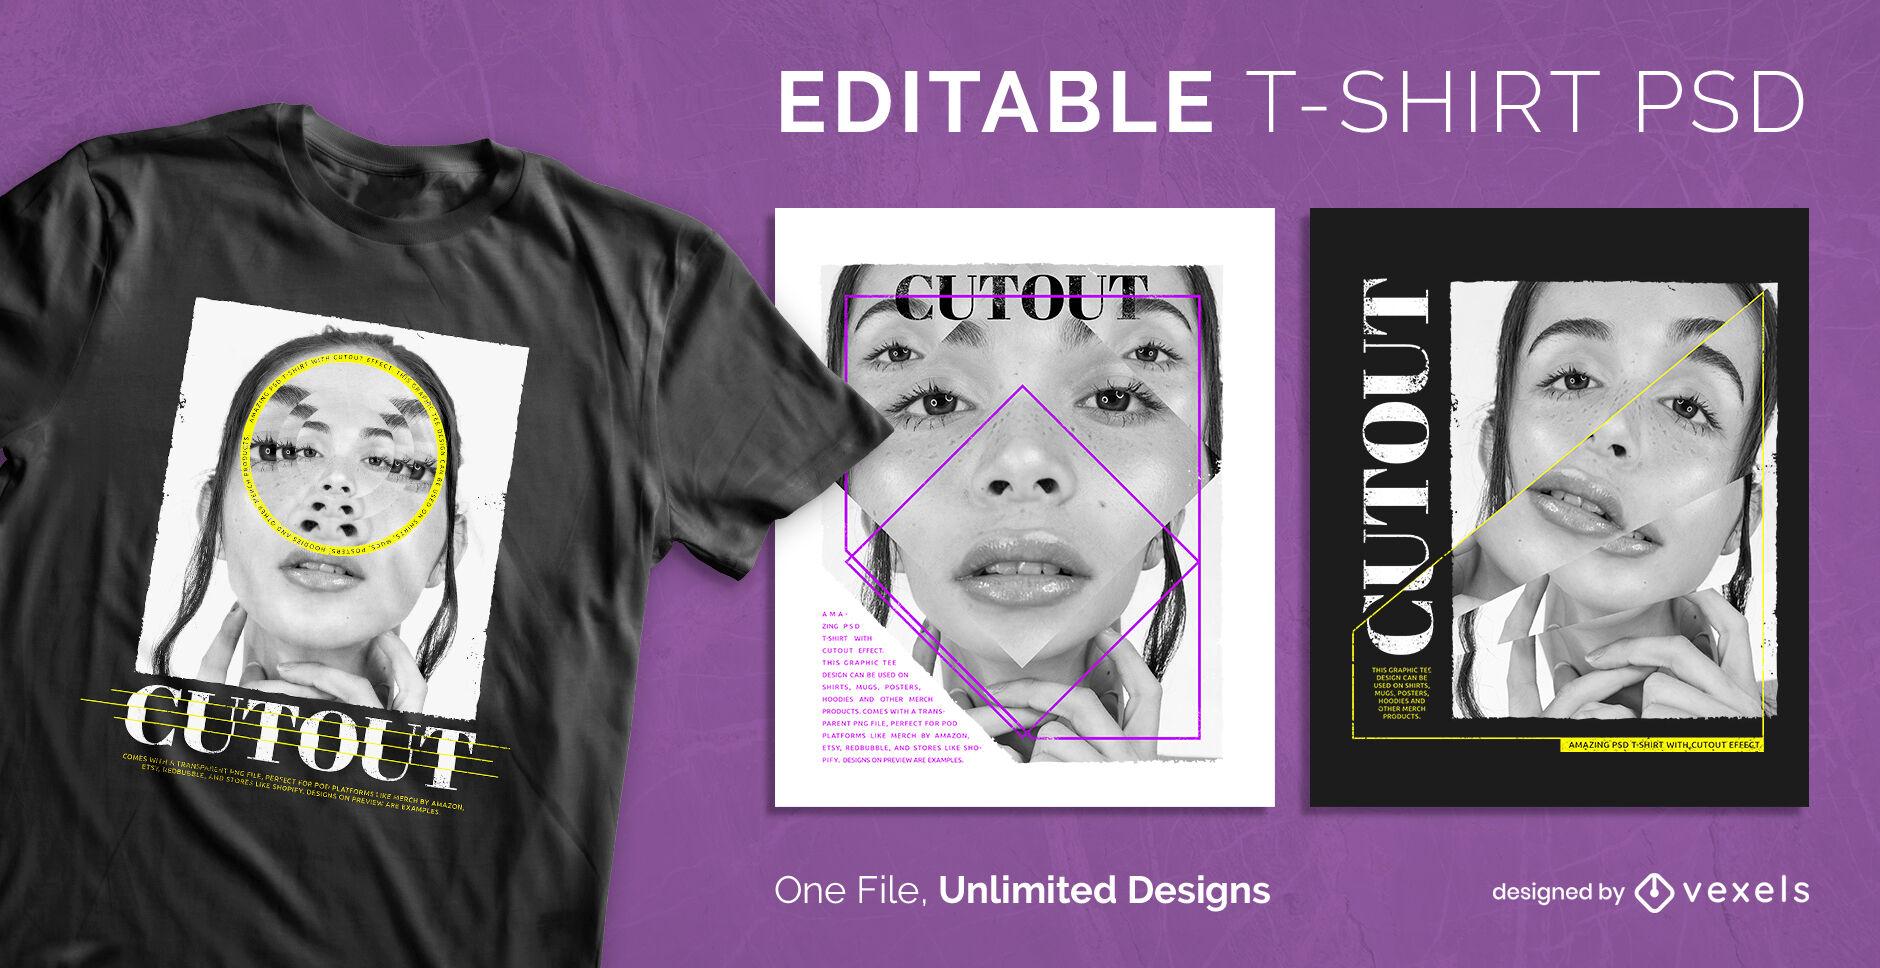 Filtro de imagen recortada psd diseño de camiseta escalable